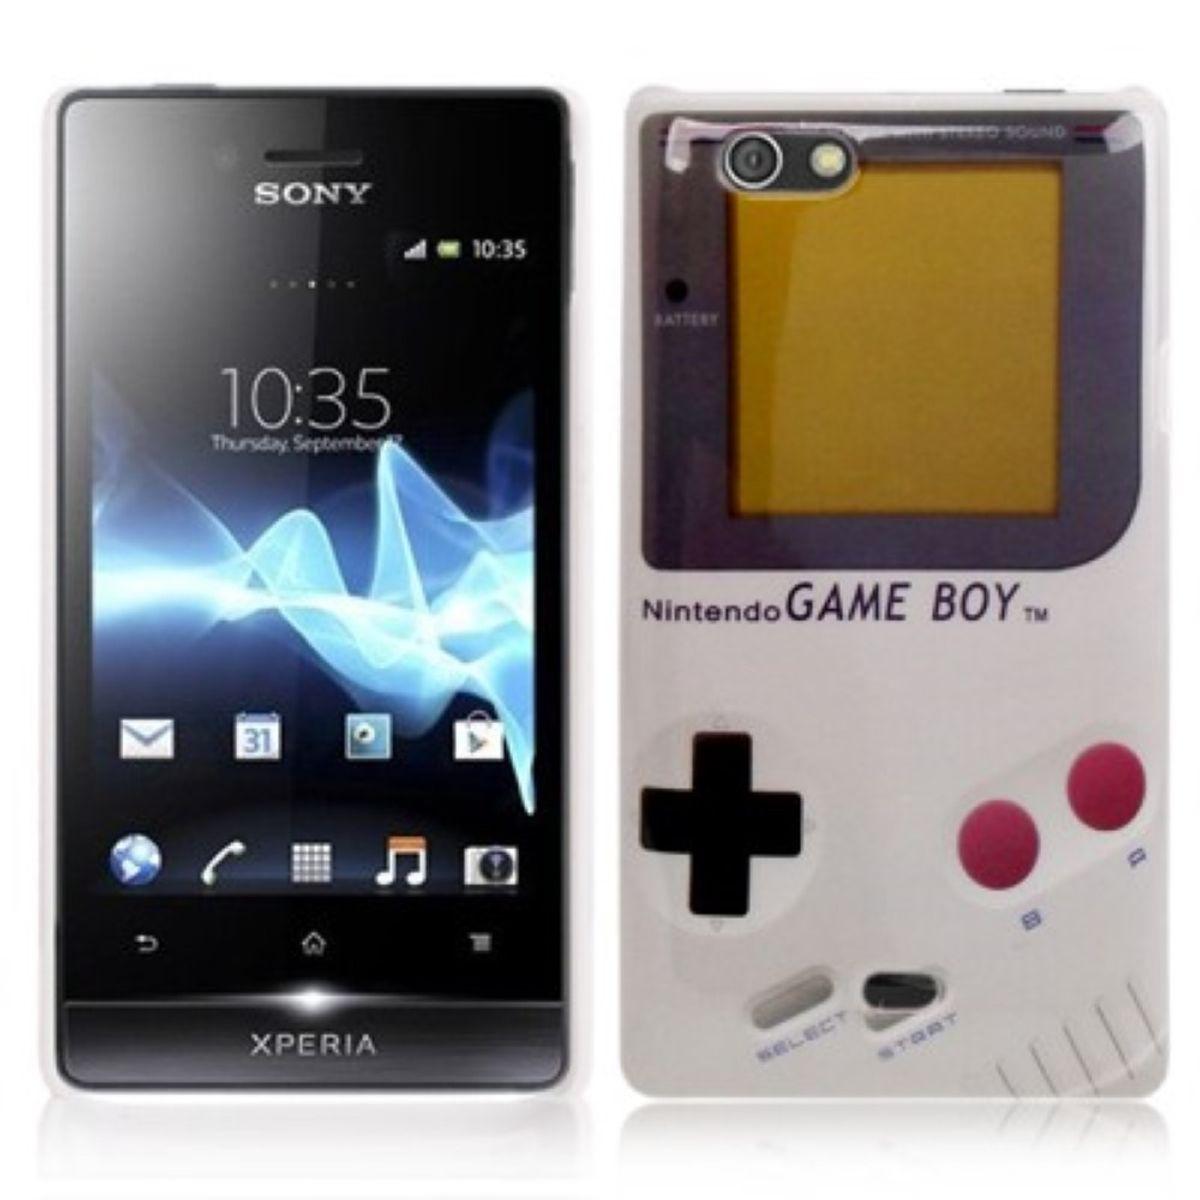 Hard Case Hülle Gameboy für Handy Sony Xperia miro ST23i